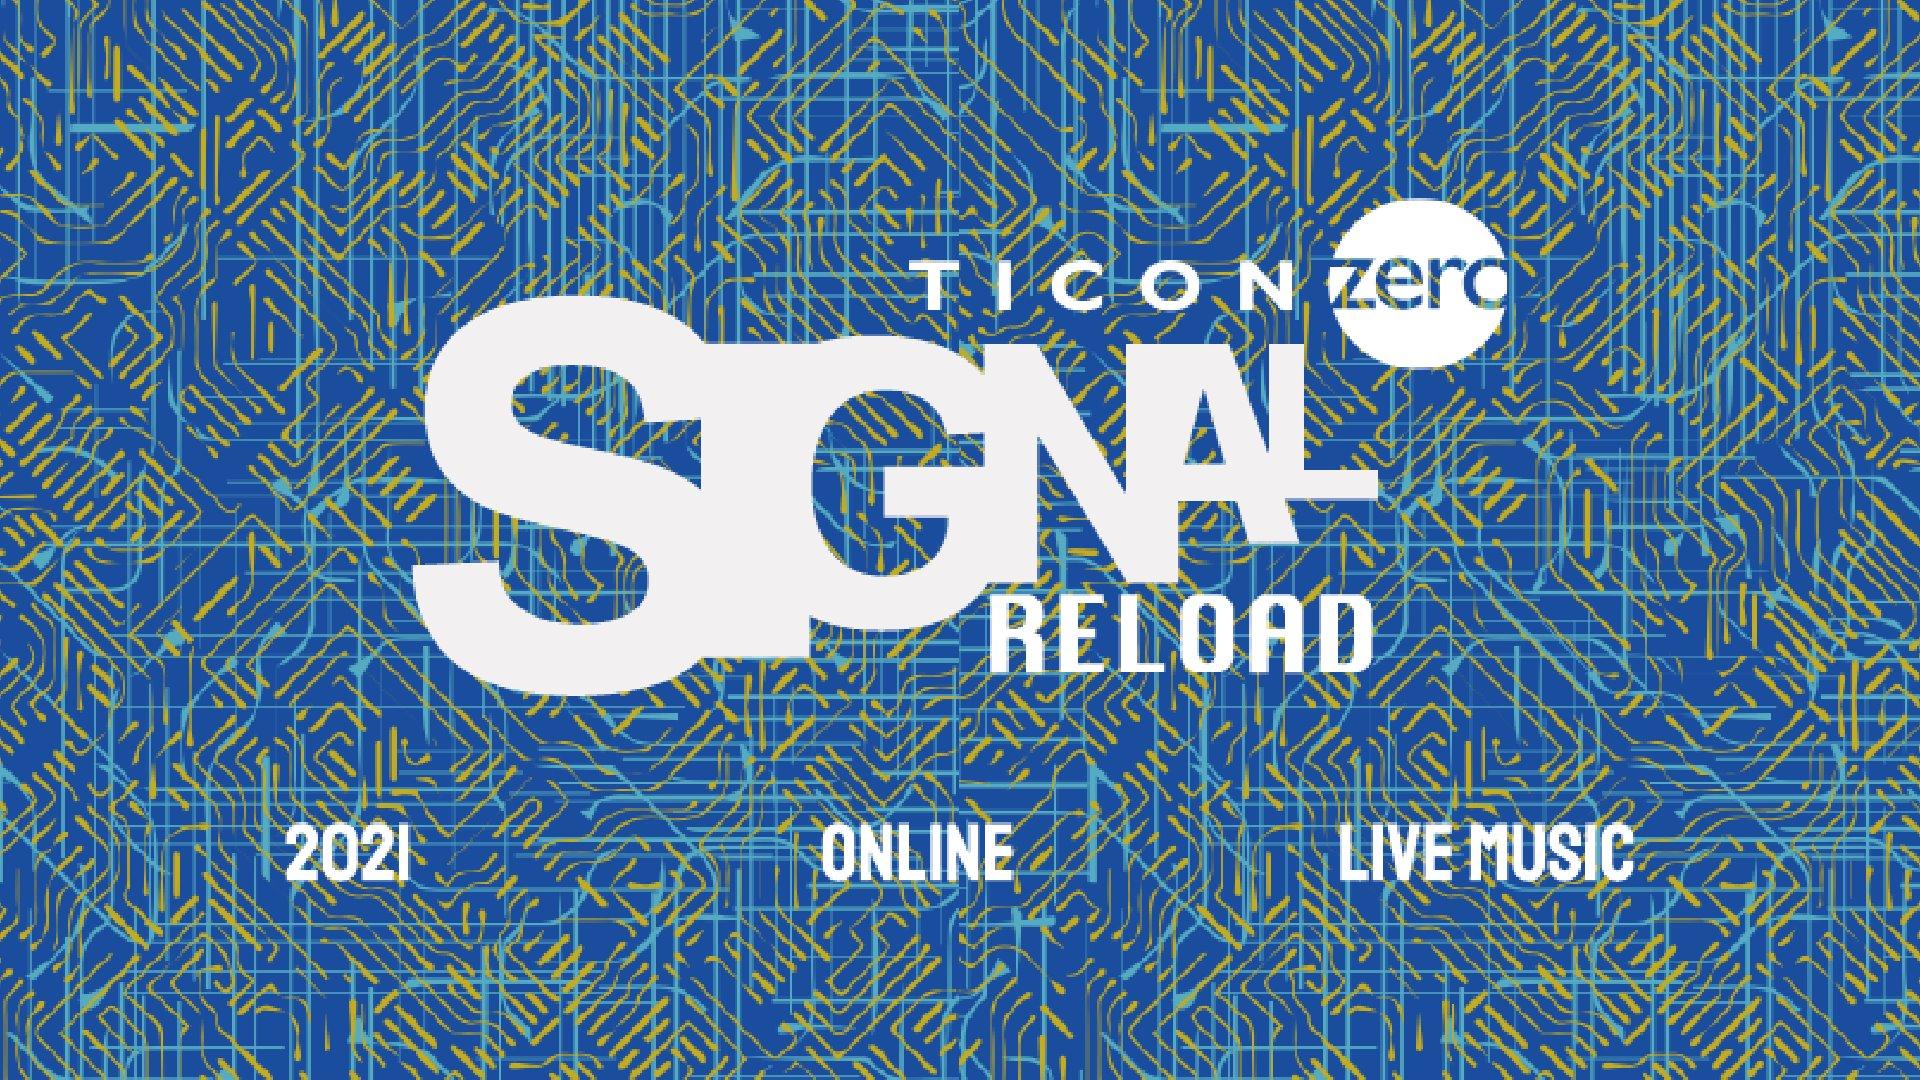 Signal Reload - Festival - Ticonzero - logo - notizie - 2021 - Sa Scena - 26 gennaio 2021